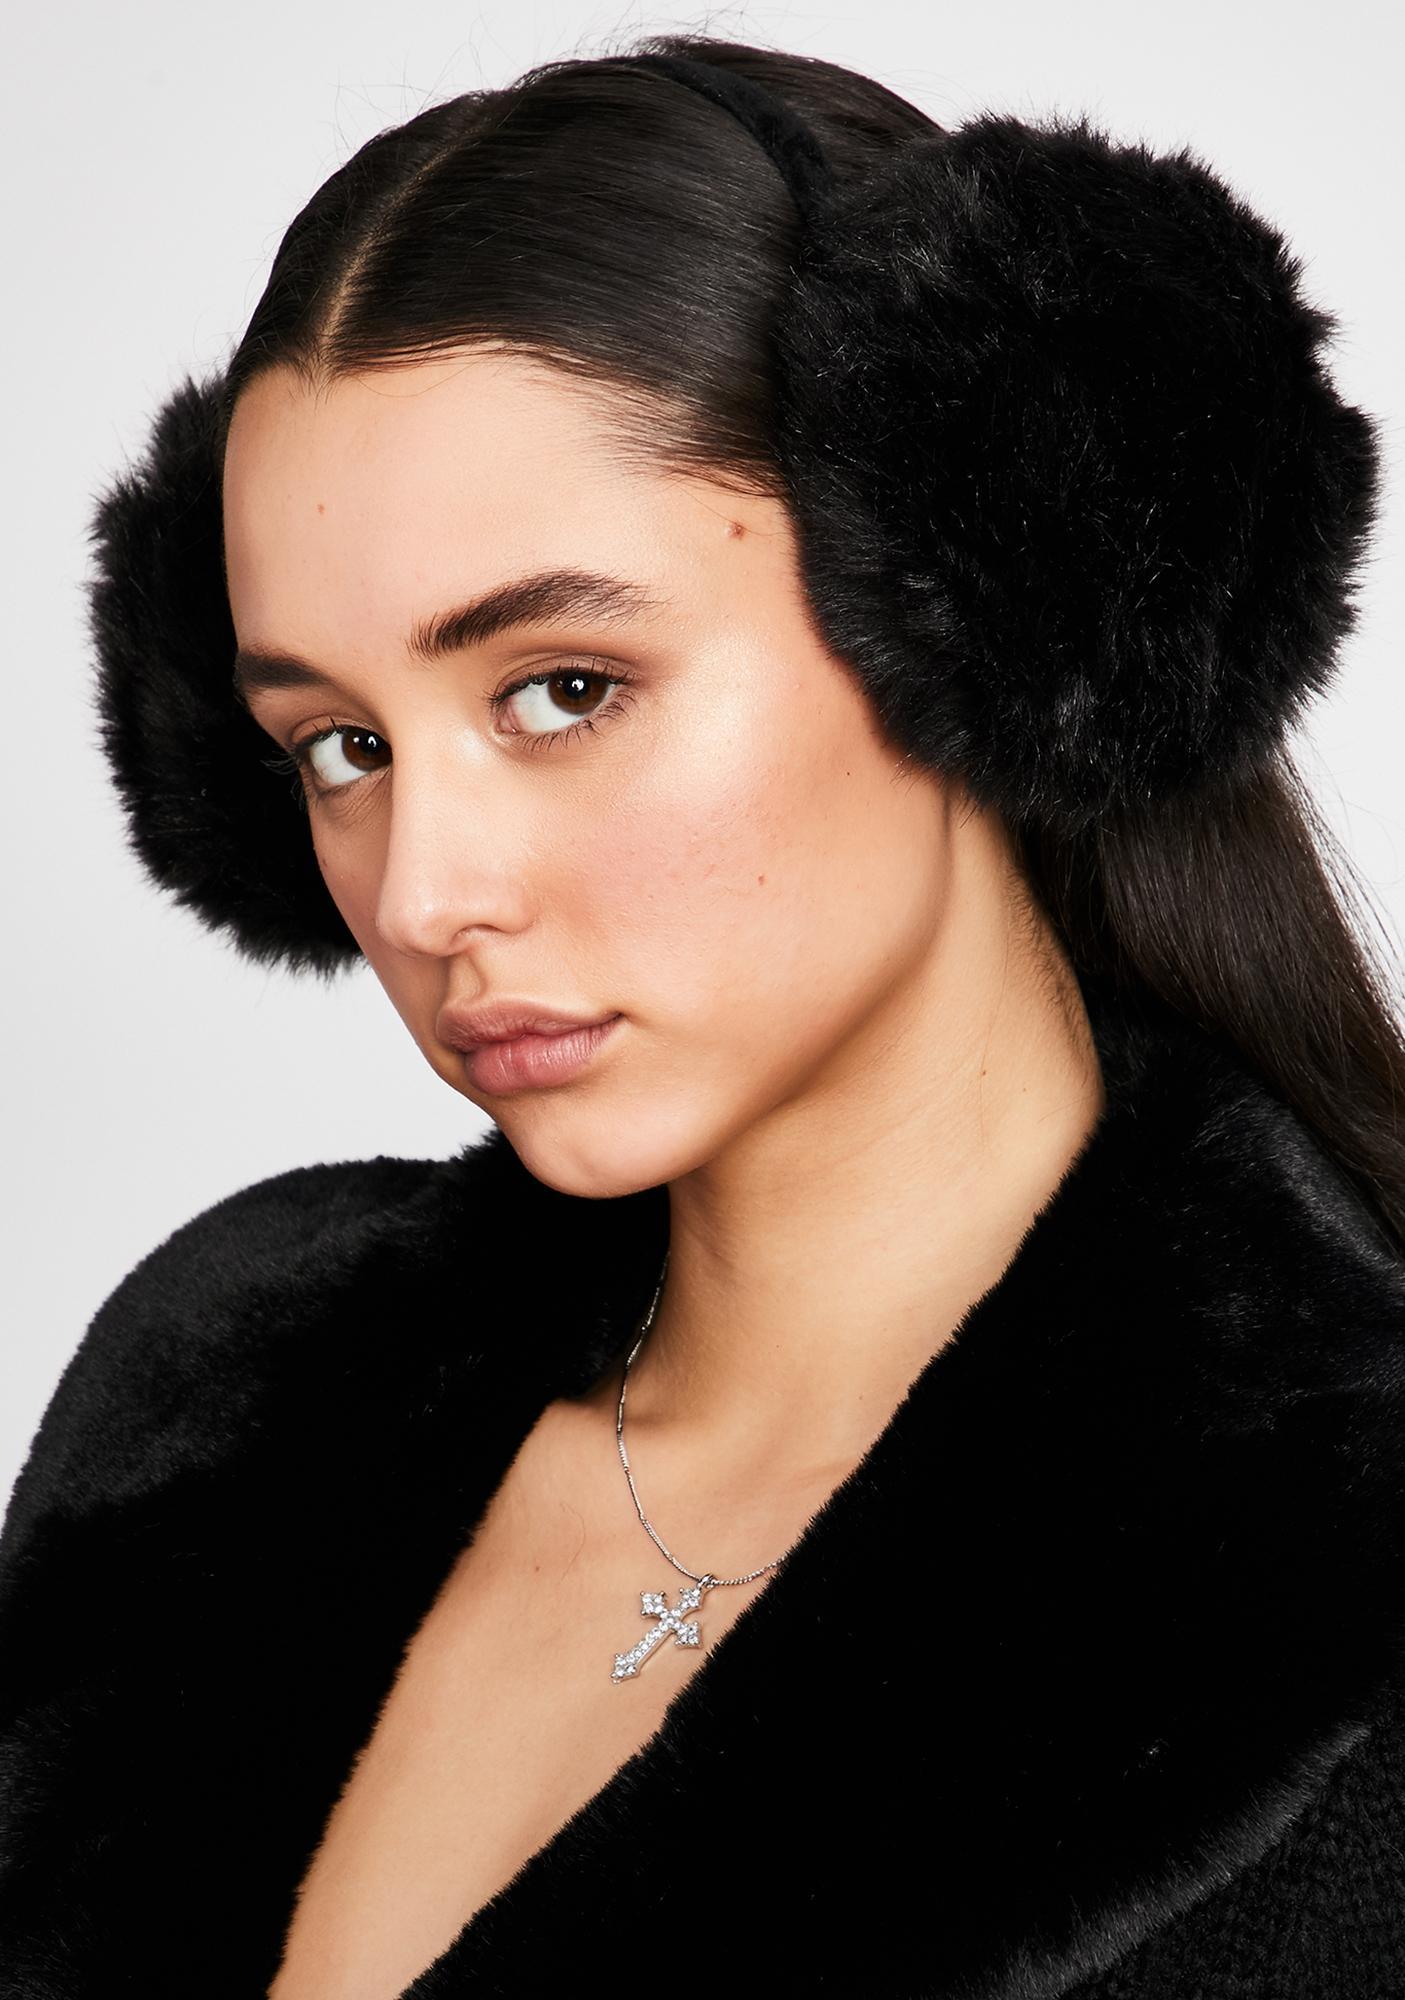 Wicked Snow Princess Fur Earmuffs